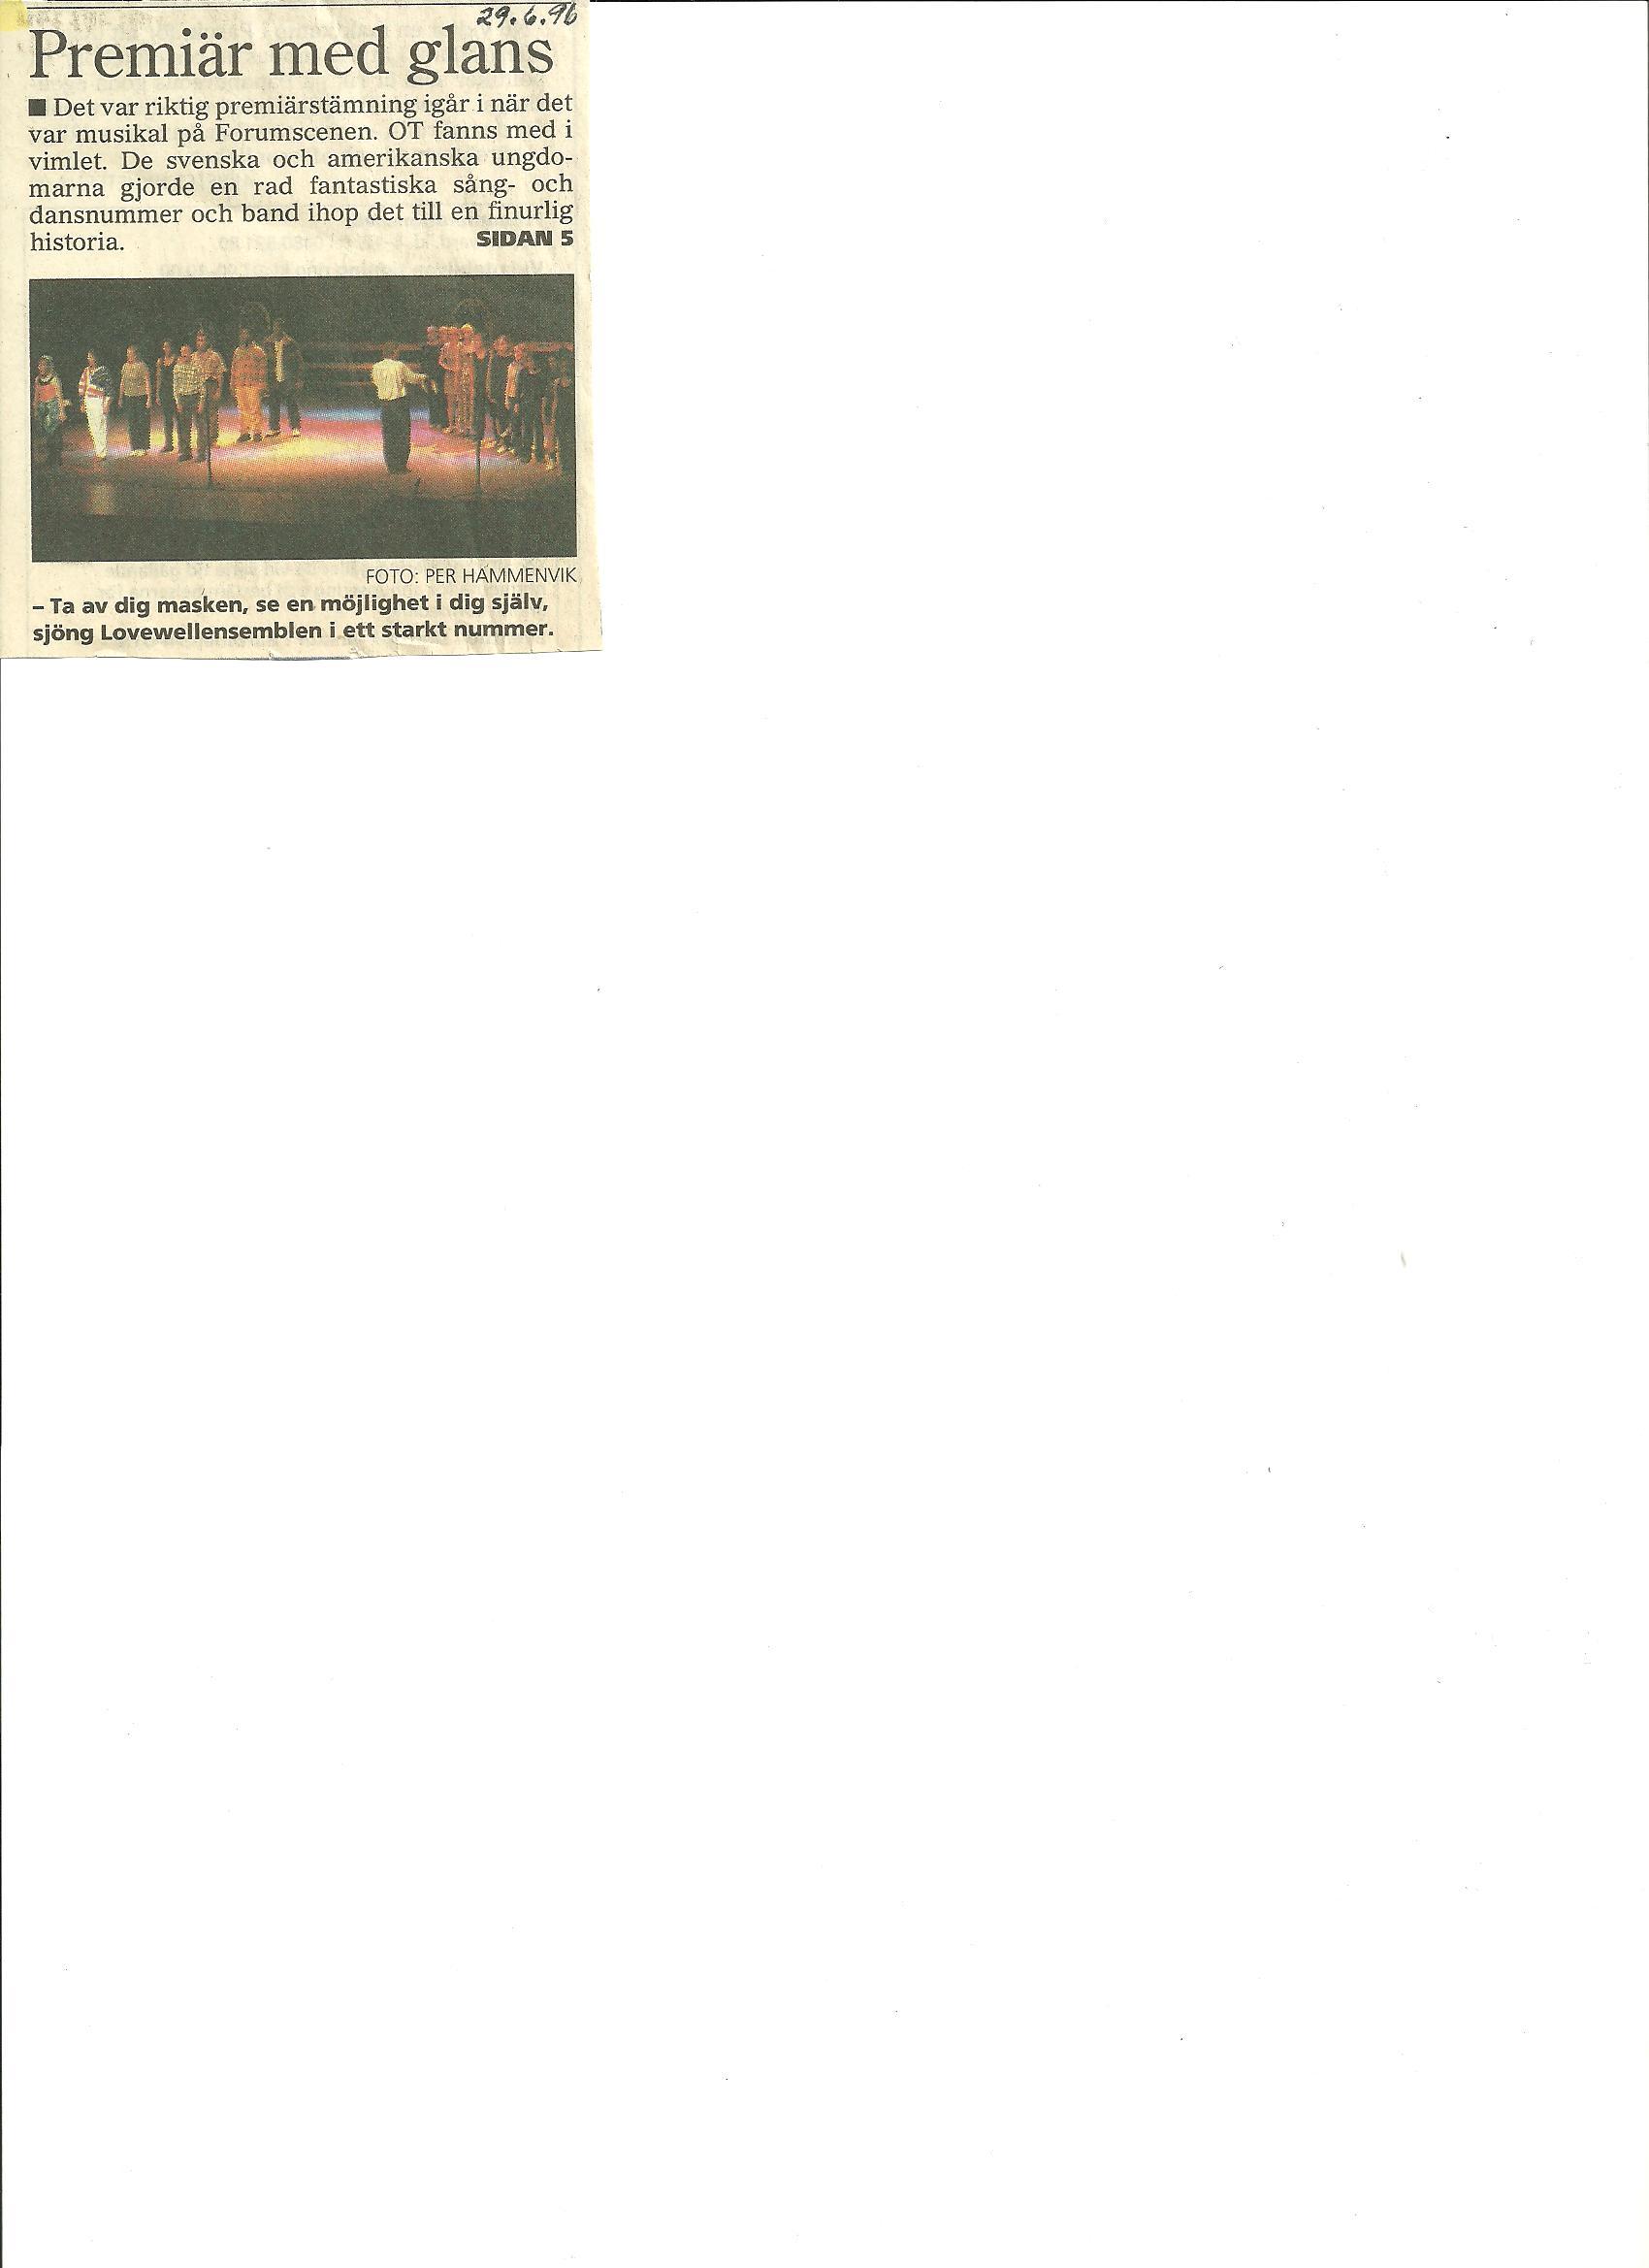 1996-06-29 (2)_Oskarshamns Tidning